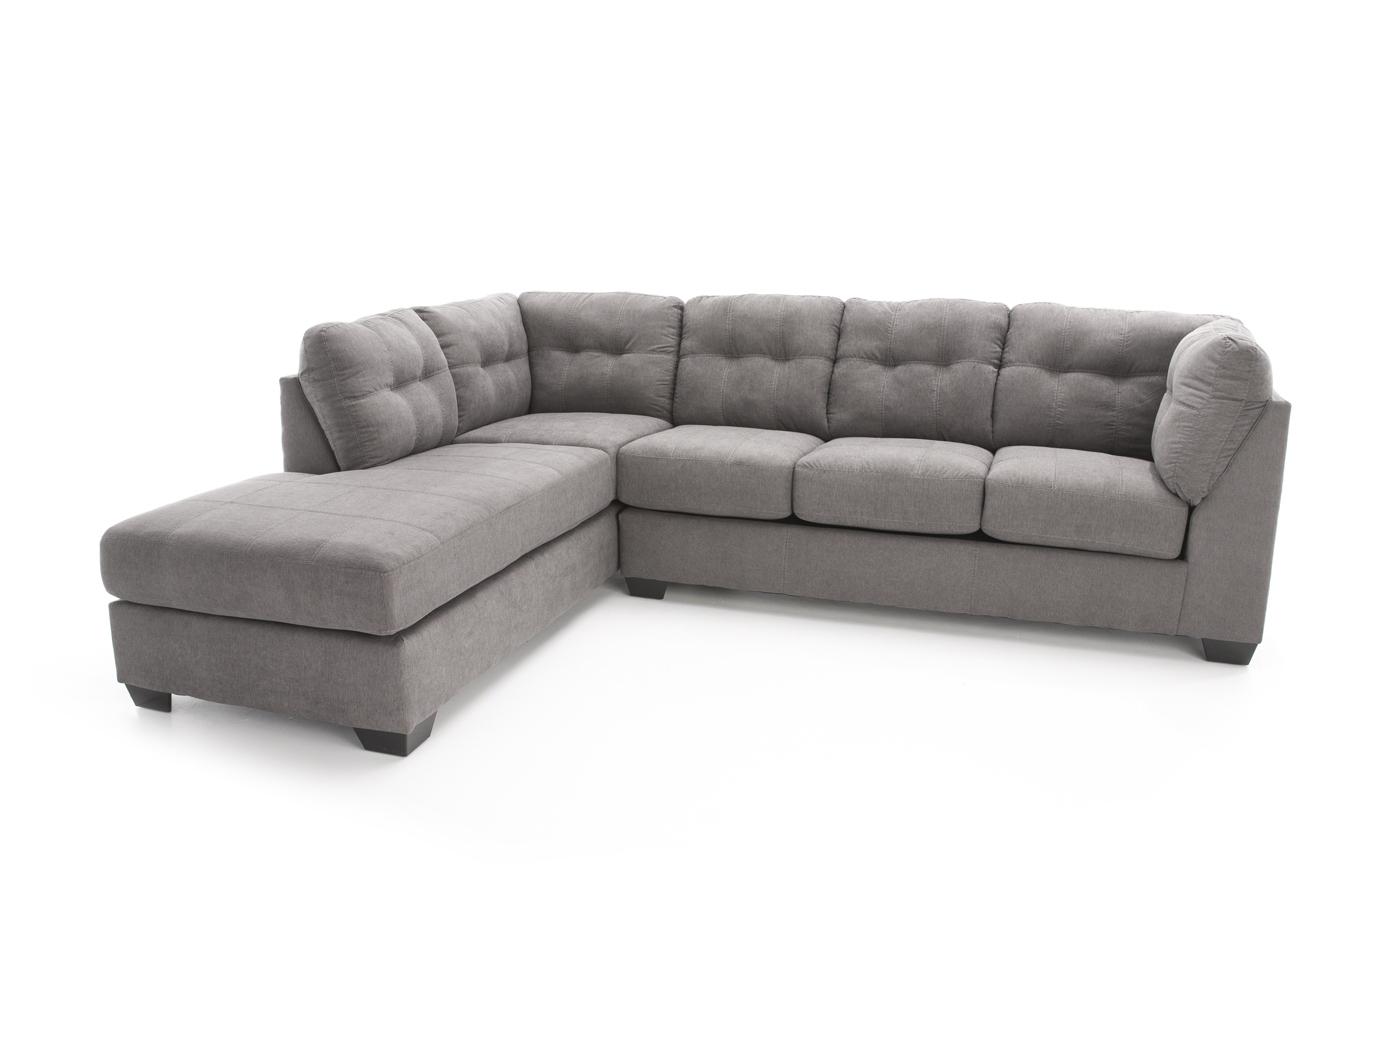 Steinhafels Regarding 2018 Allie Dark Grey Sofa Chairs (Gallery 20 of 20)